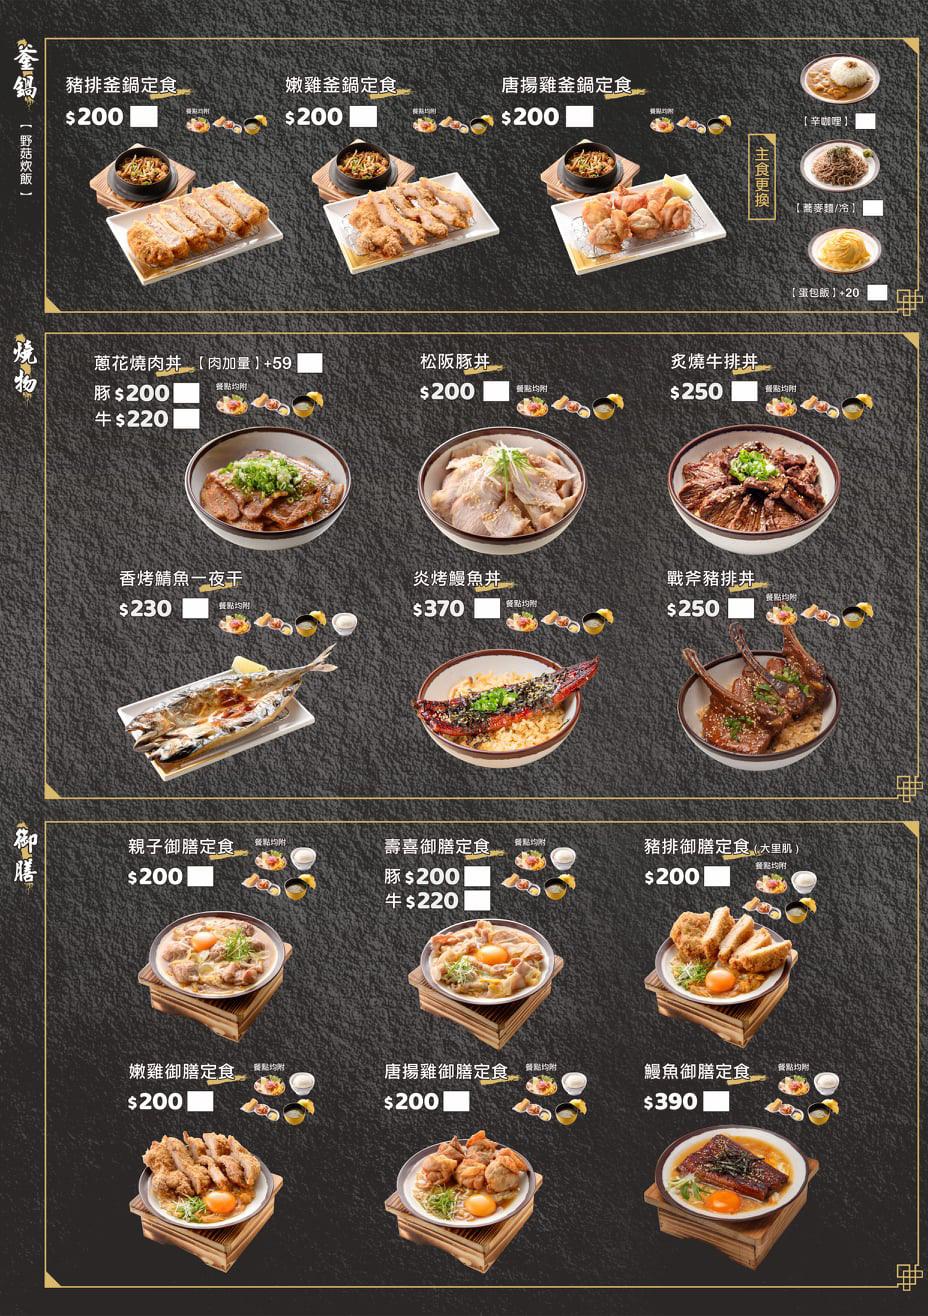 小林食堂菜單1.jpg